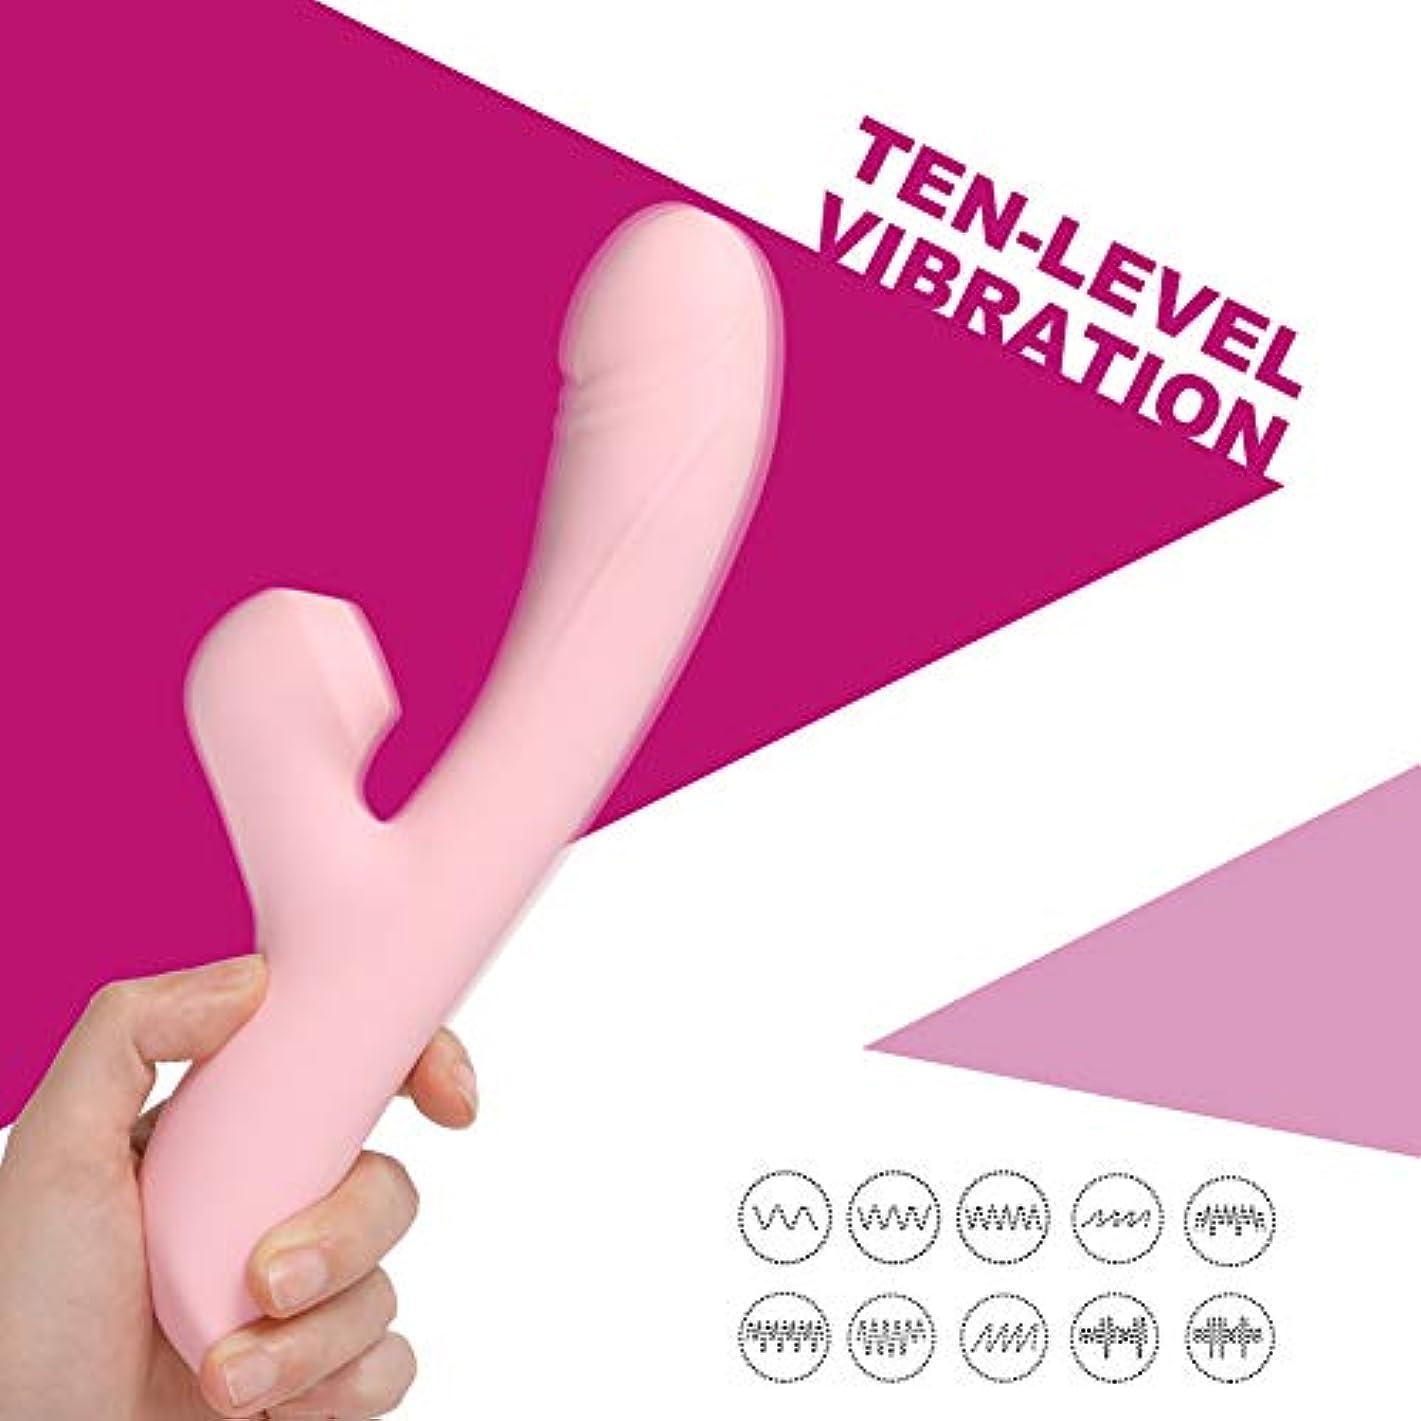 ダブル拘束するシーサイドオイル セルライト バイブレーターUSB充電式 AVマジック ワンドバイブレーター マッサージャー 大人のおもちゃ女性用 10スピード電動マッサージ器 42度加熱 自由に曲げられる (ピンク色)